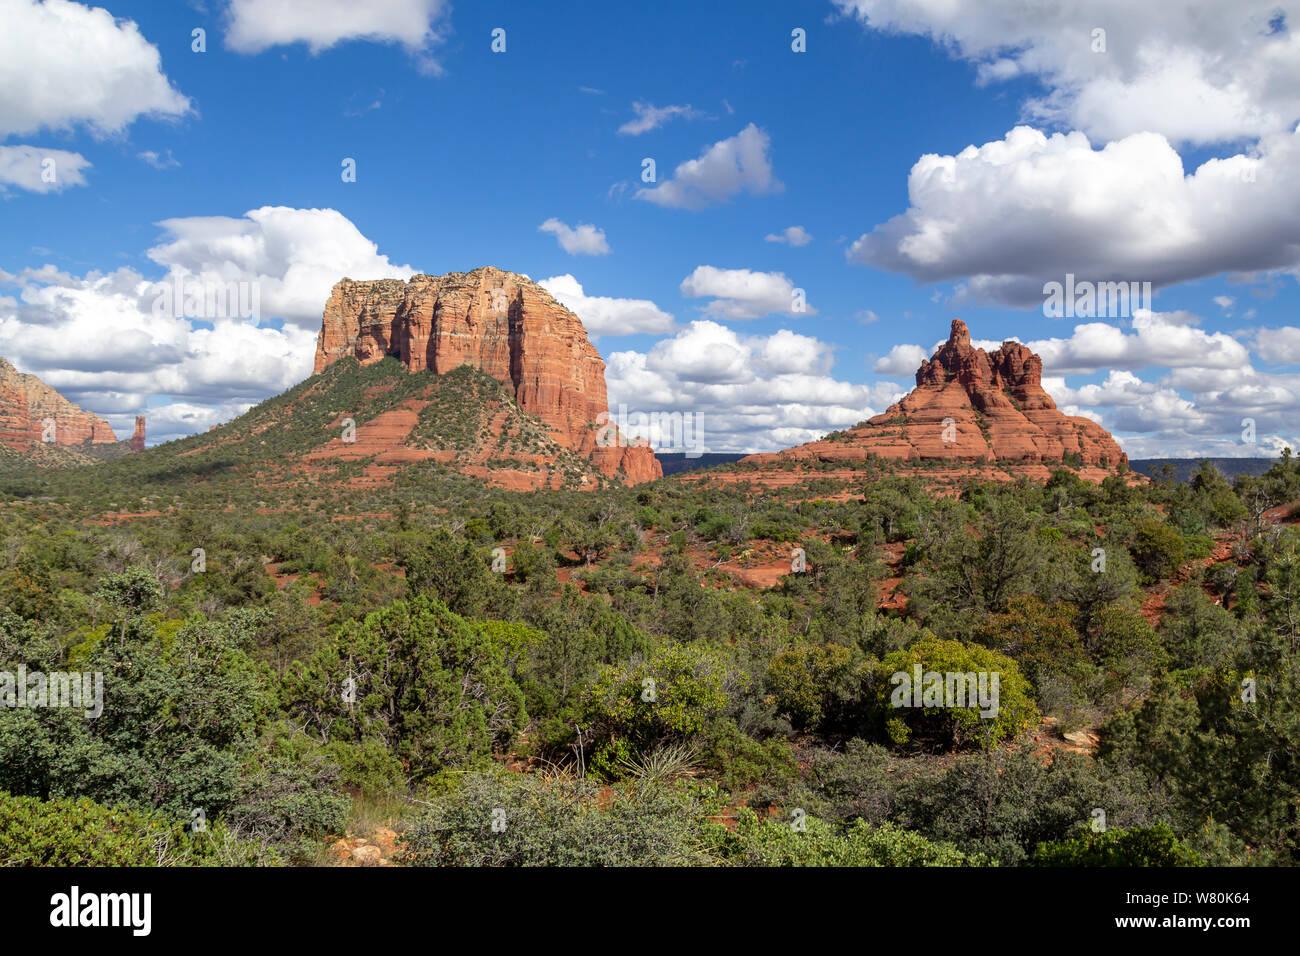 Landscape in Sedona, Arizona, United States Stock Photo